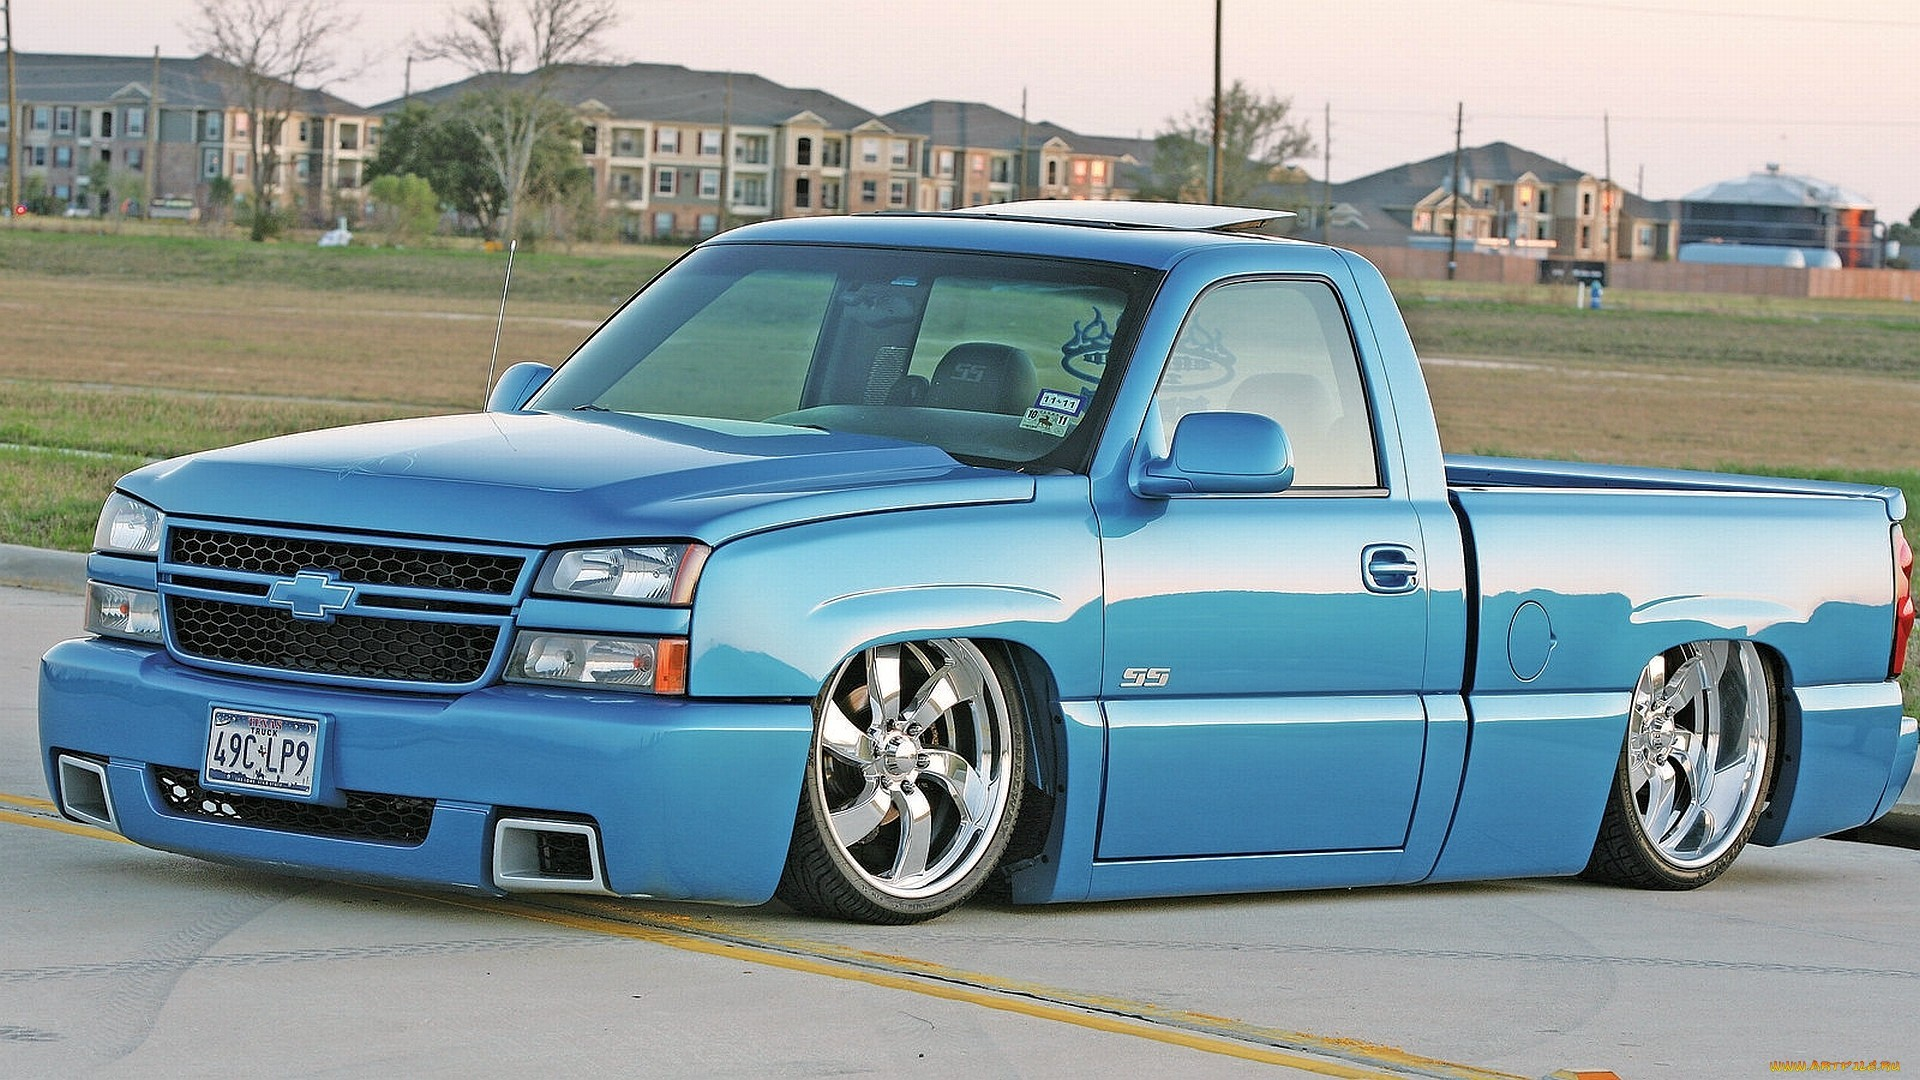 Lowrider Trucks Wallpaper